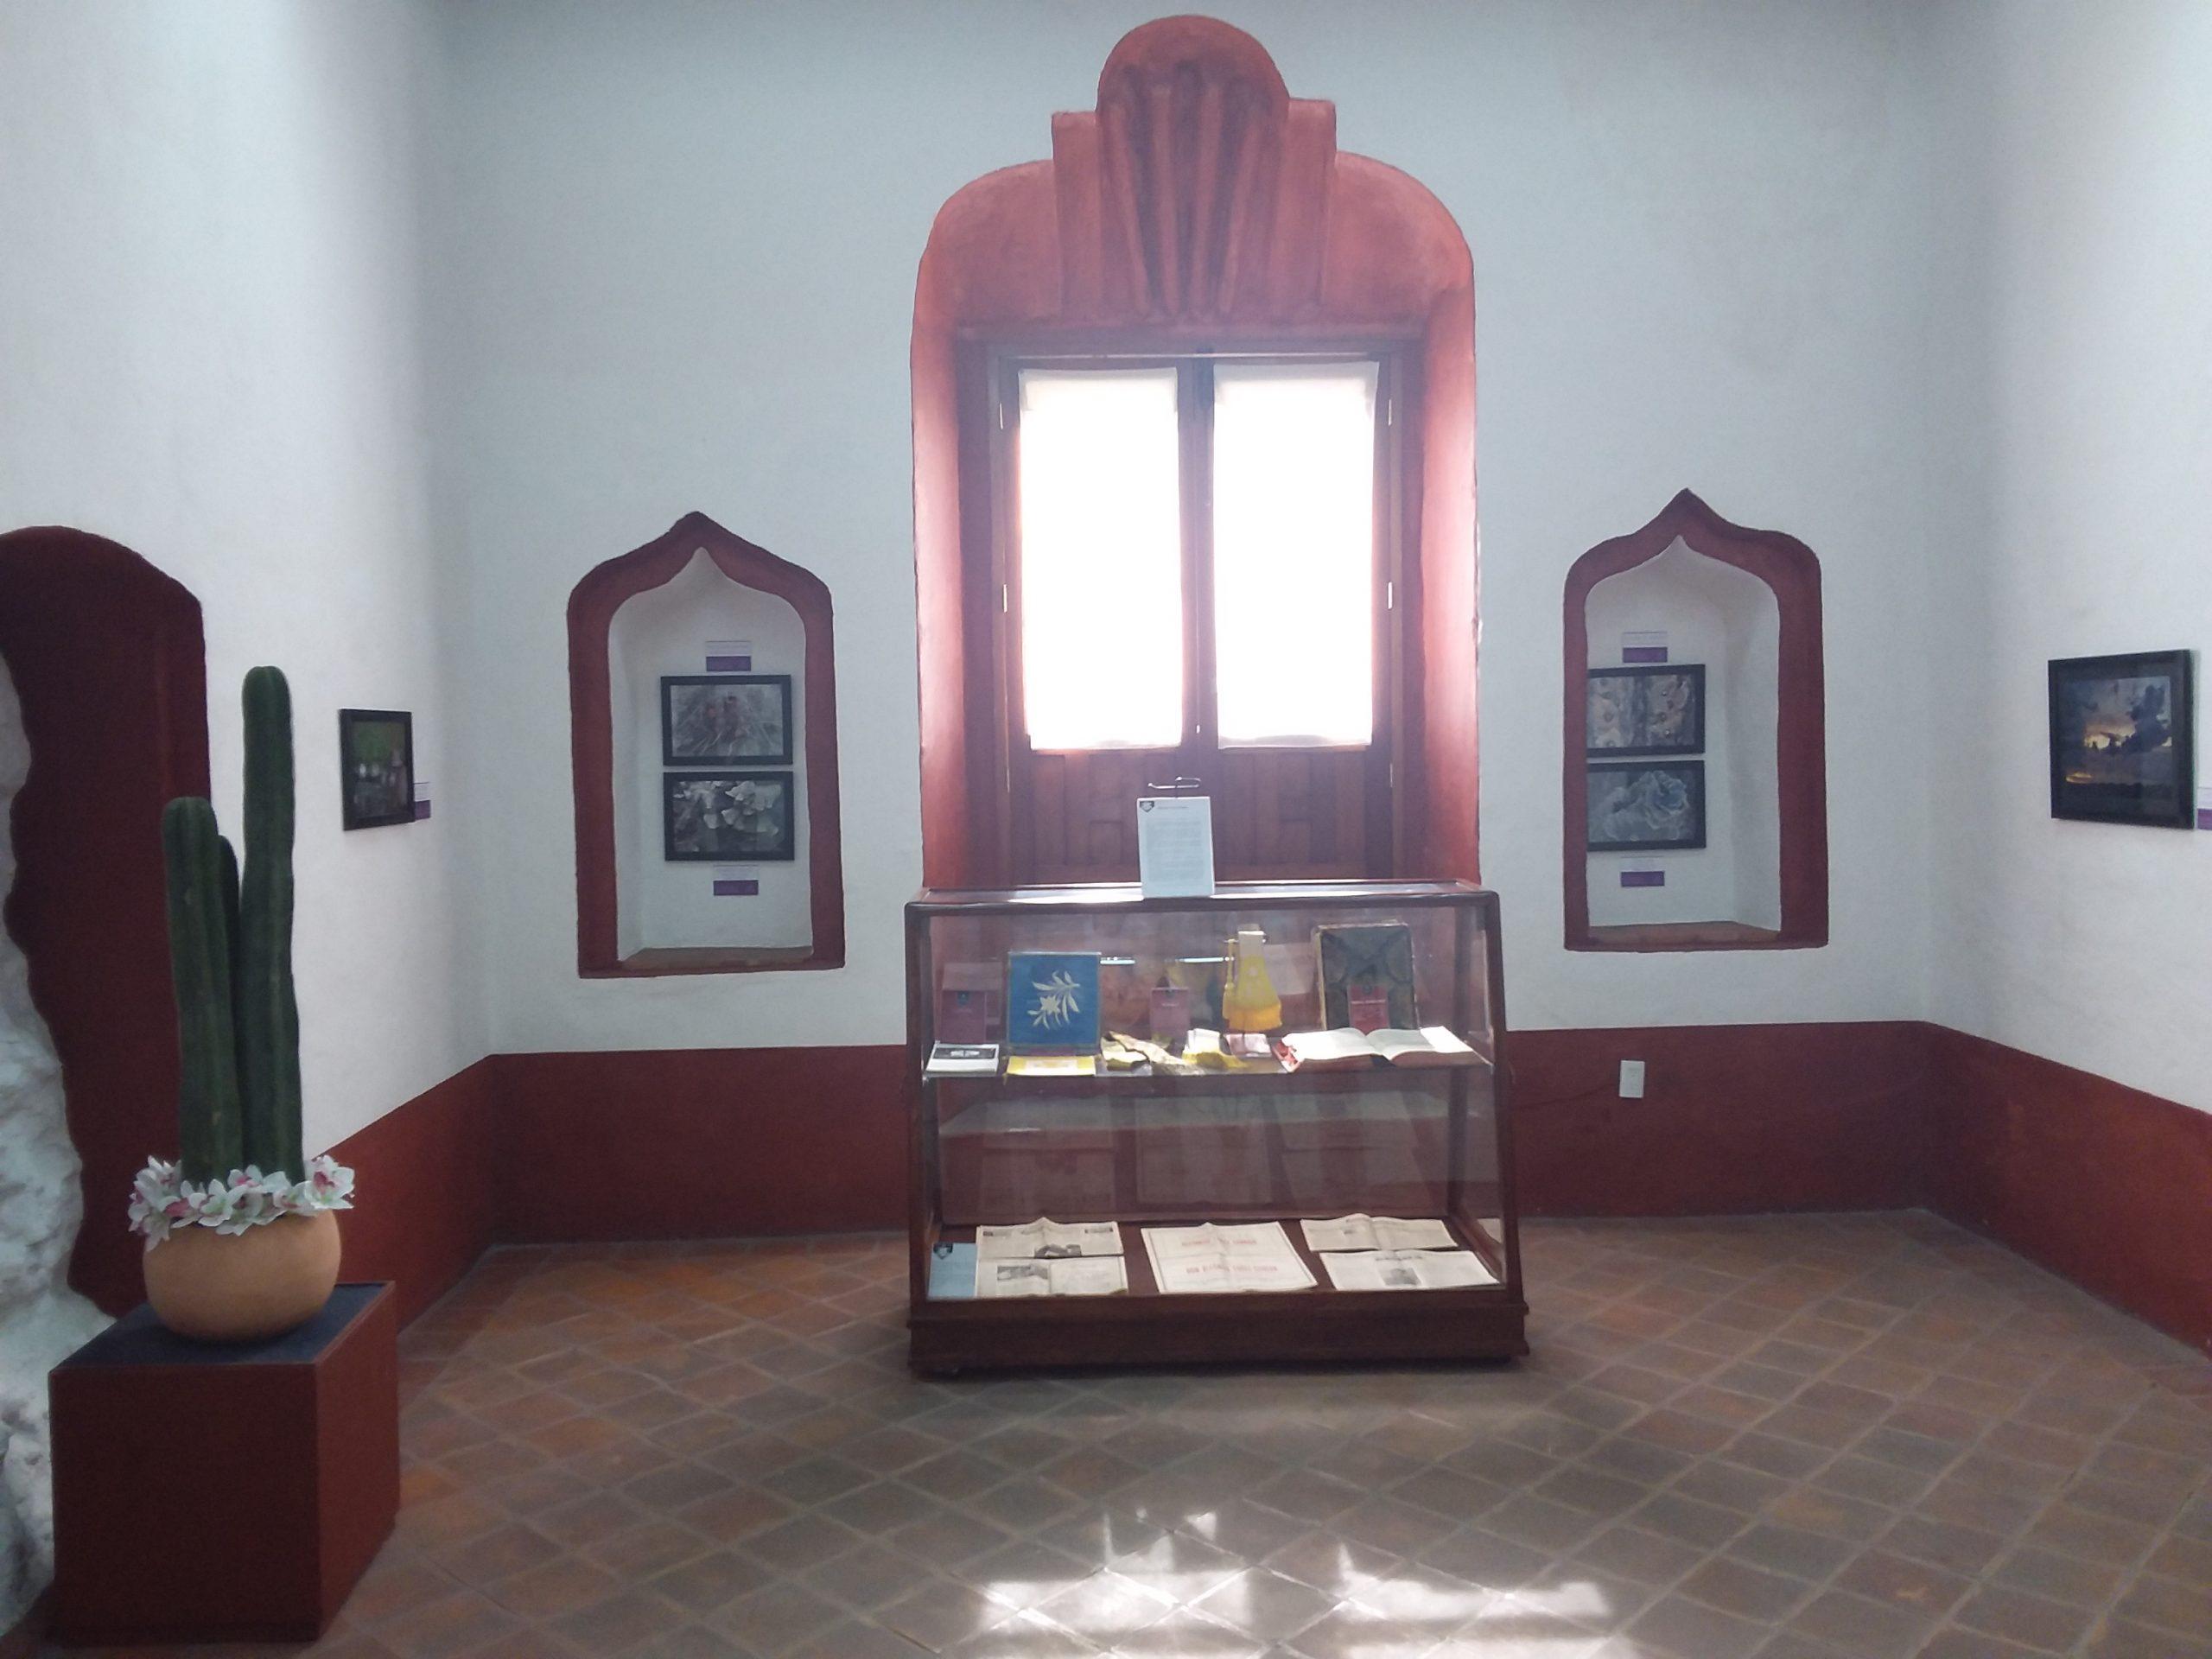 Musée de l'art sacré queretaro